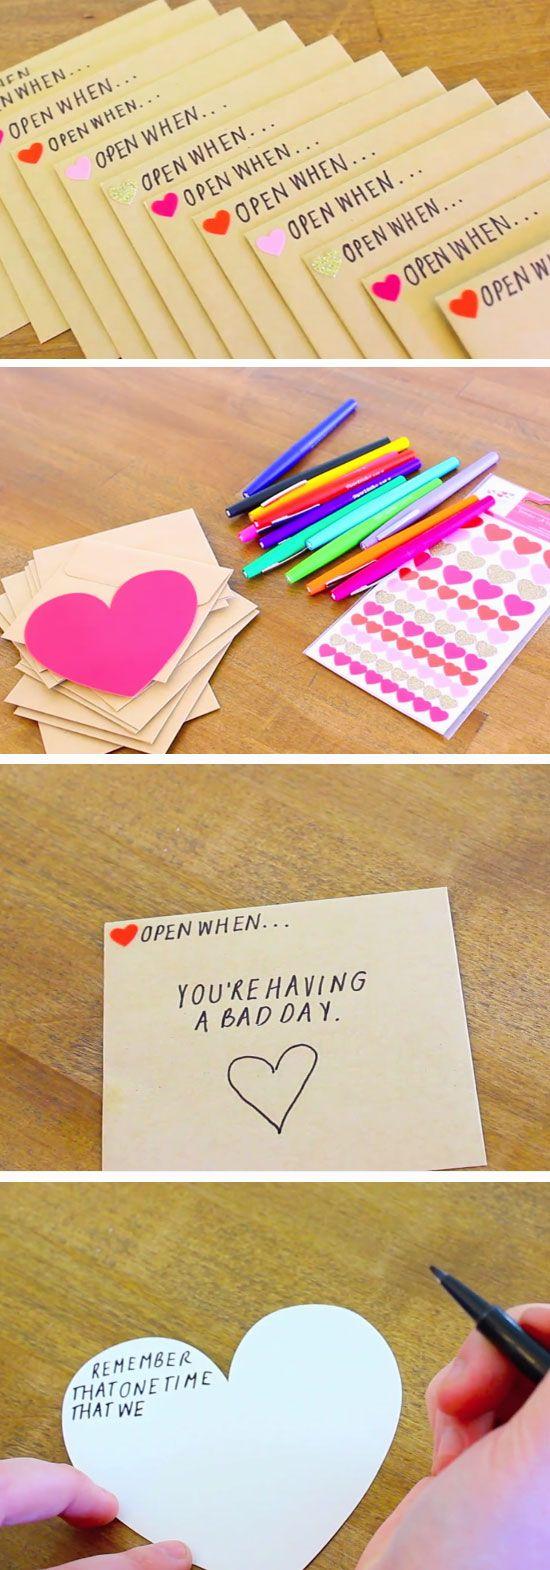 Description Open When Envelopes 23 Diy Valentines Crafts For Boyfriend Birthday Gifts